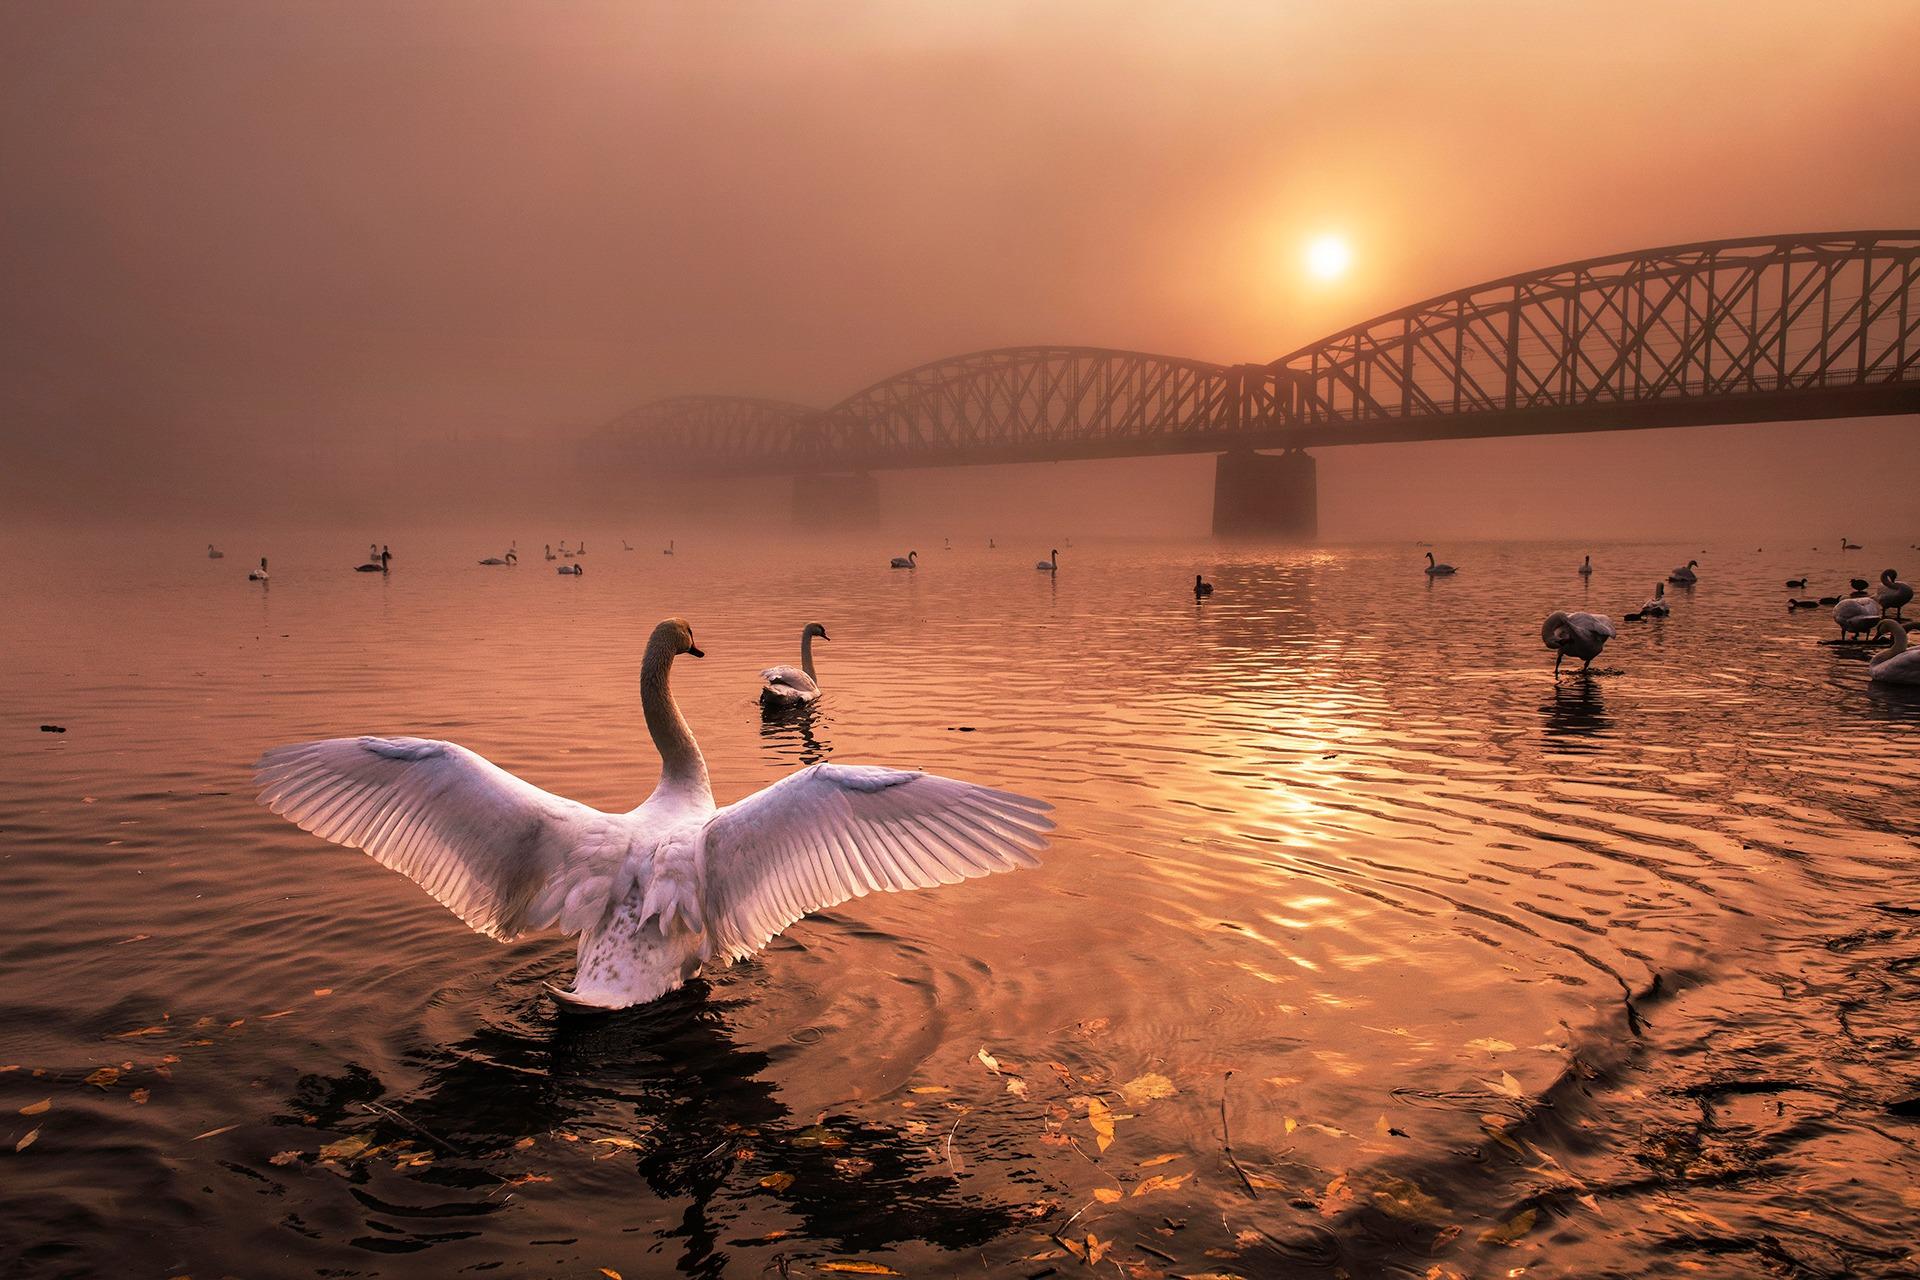 C01_65905_Birds_winner_Greeting-the-Sun_peter-cech_CZ.jpg